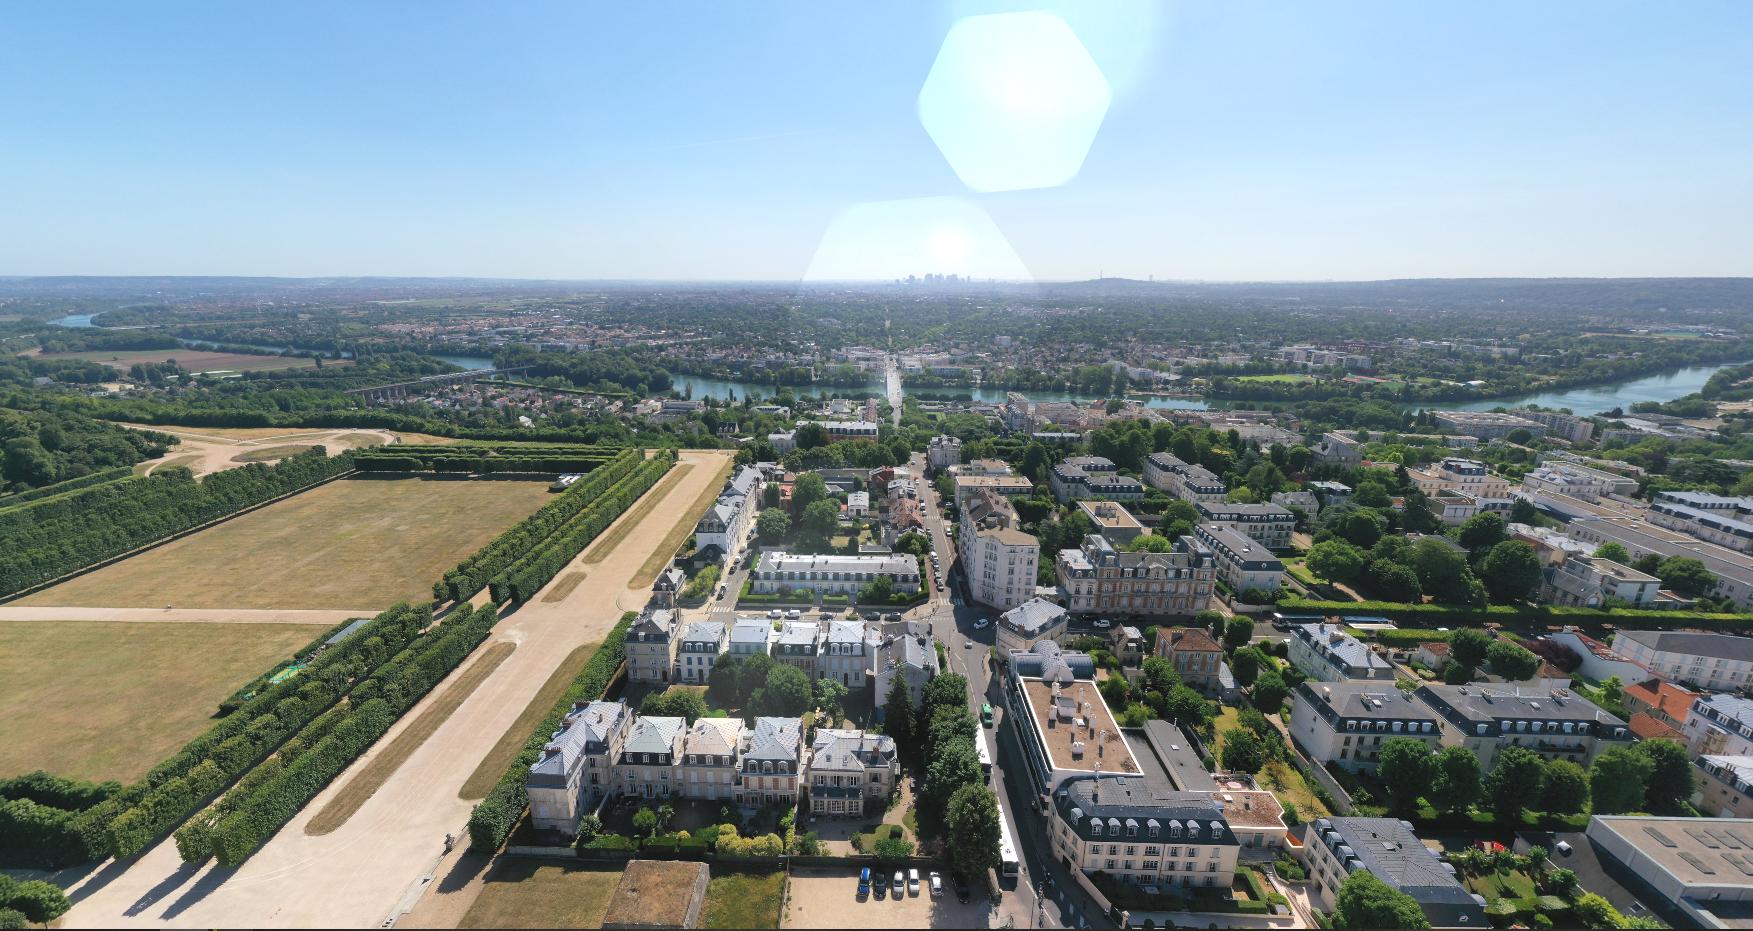 Pteranodrone - Prise de vue aérienne par drone